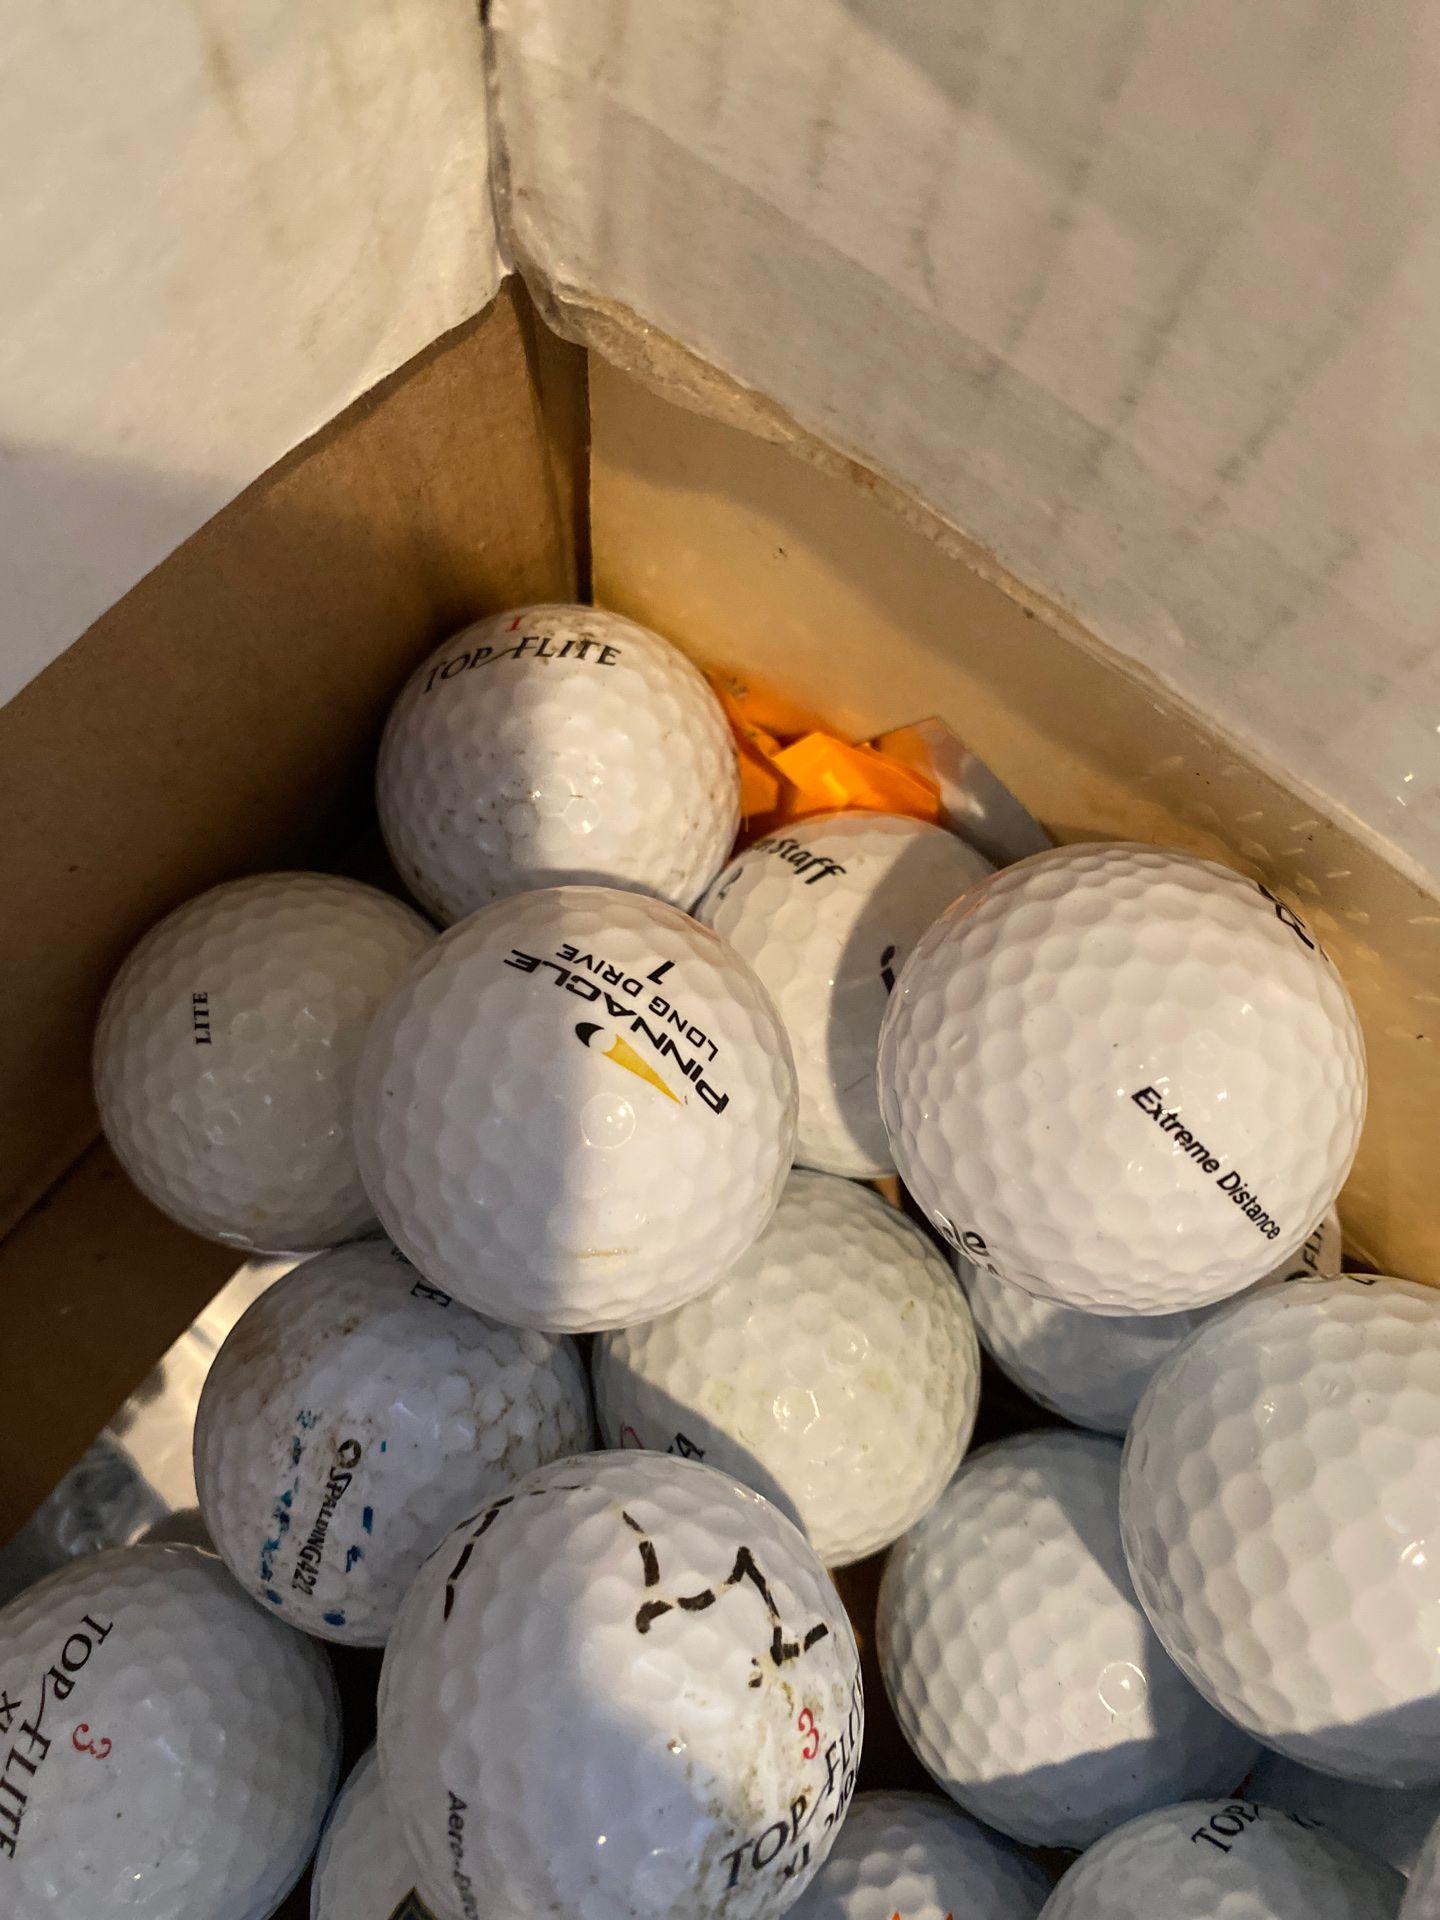 85 golf balls